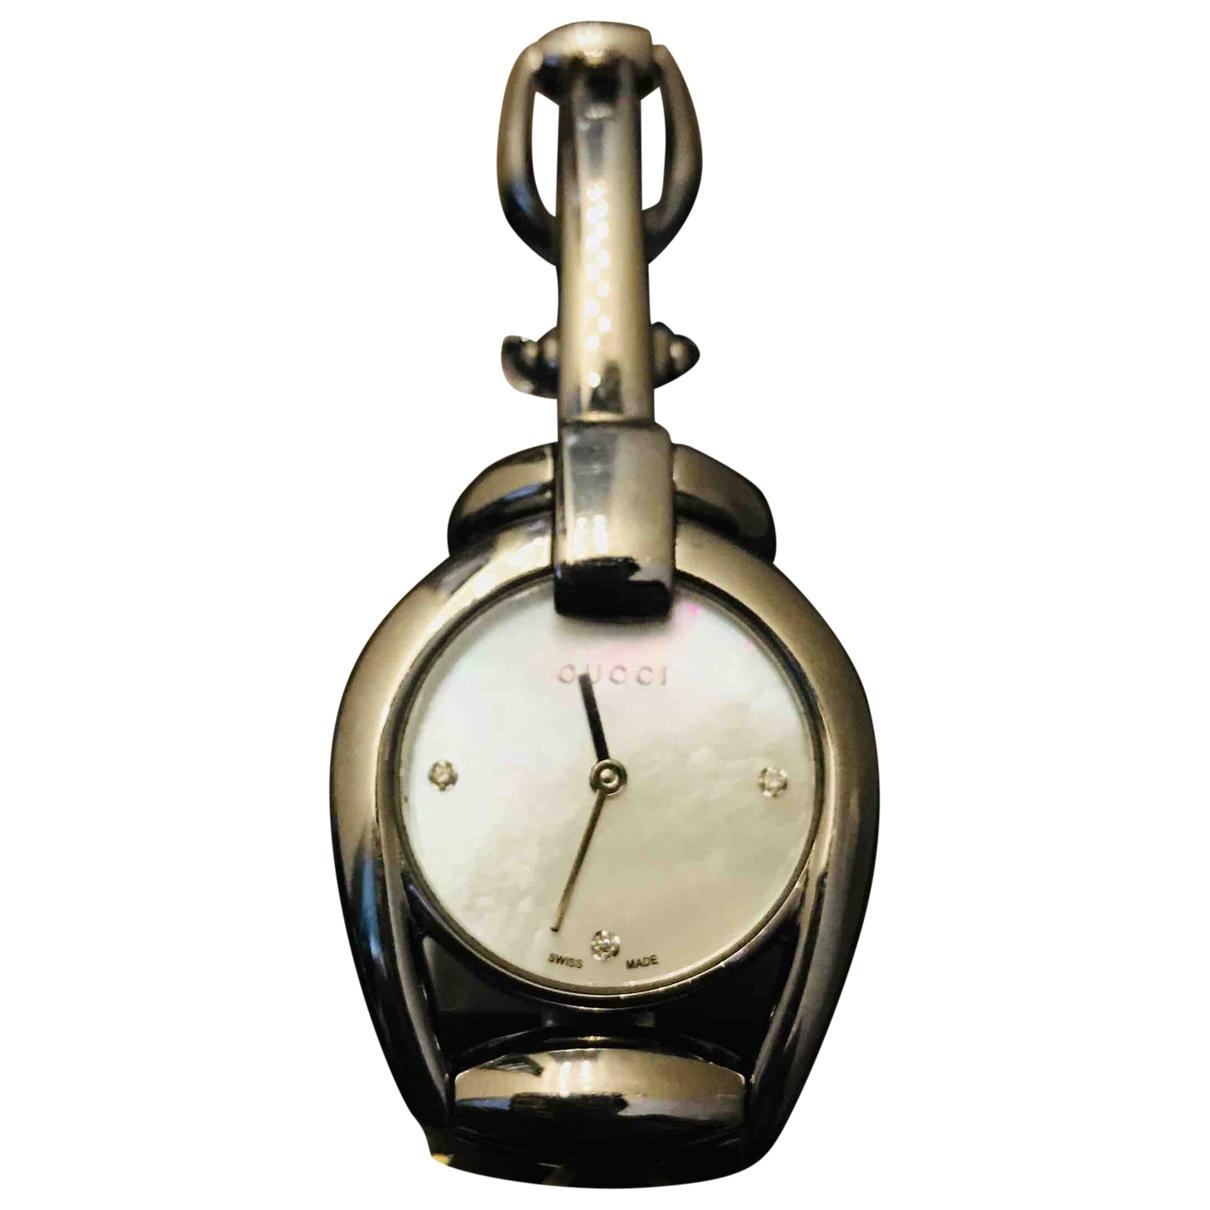 Gucci Horsebit Uhr in  Metallic Stahl